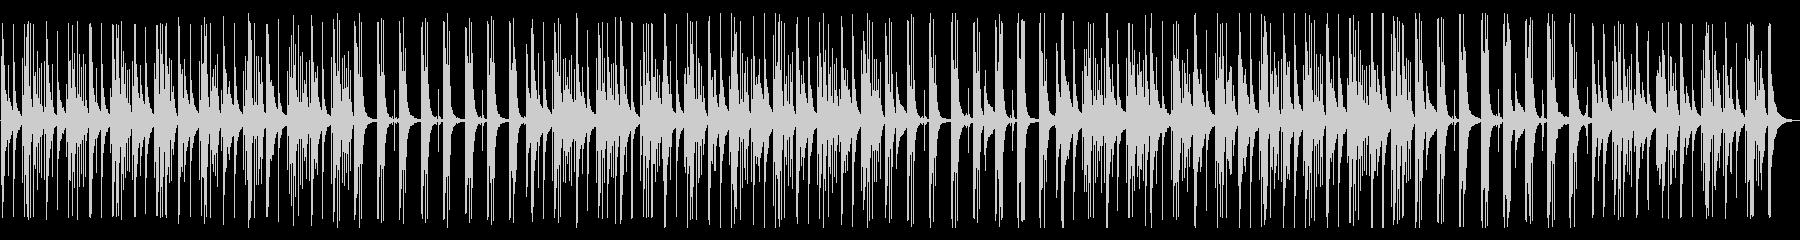 YouTube カリンバ・ほのぼのの未再生の波形